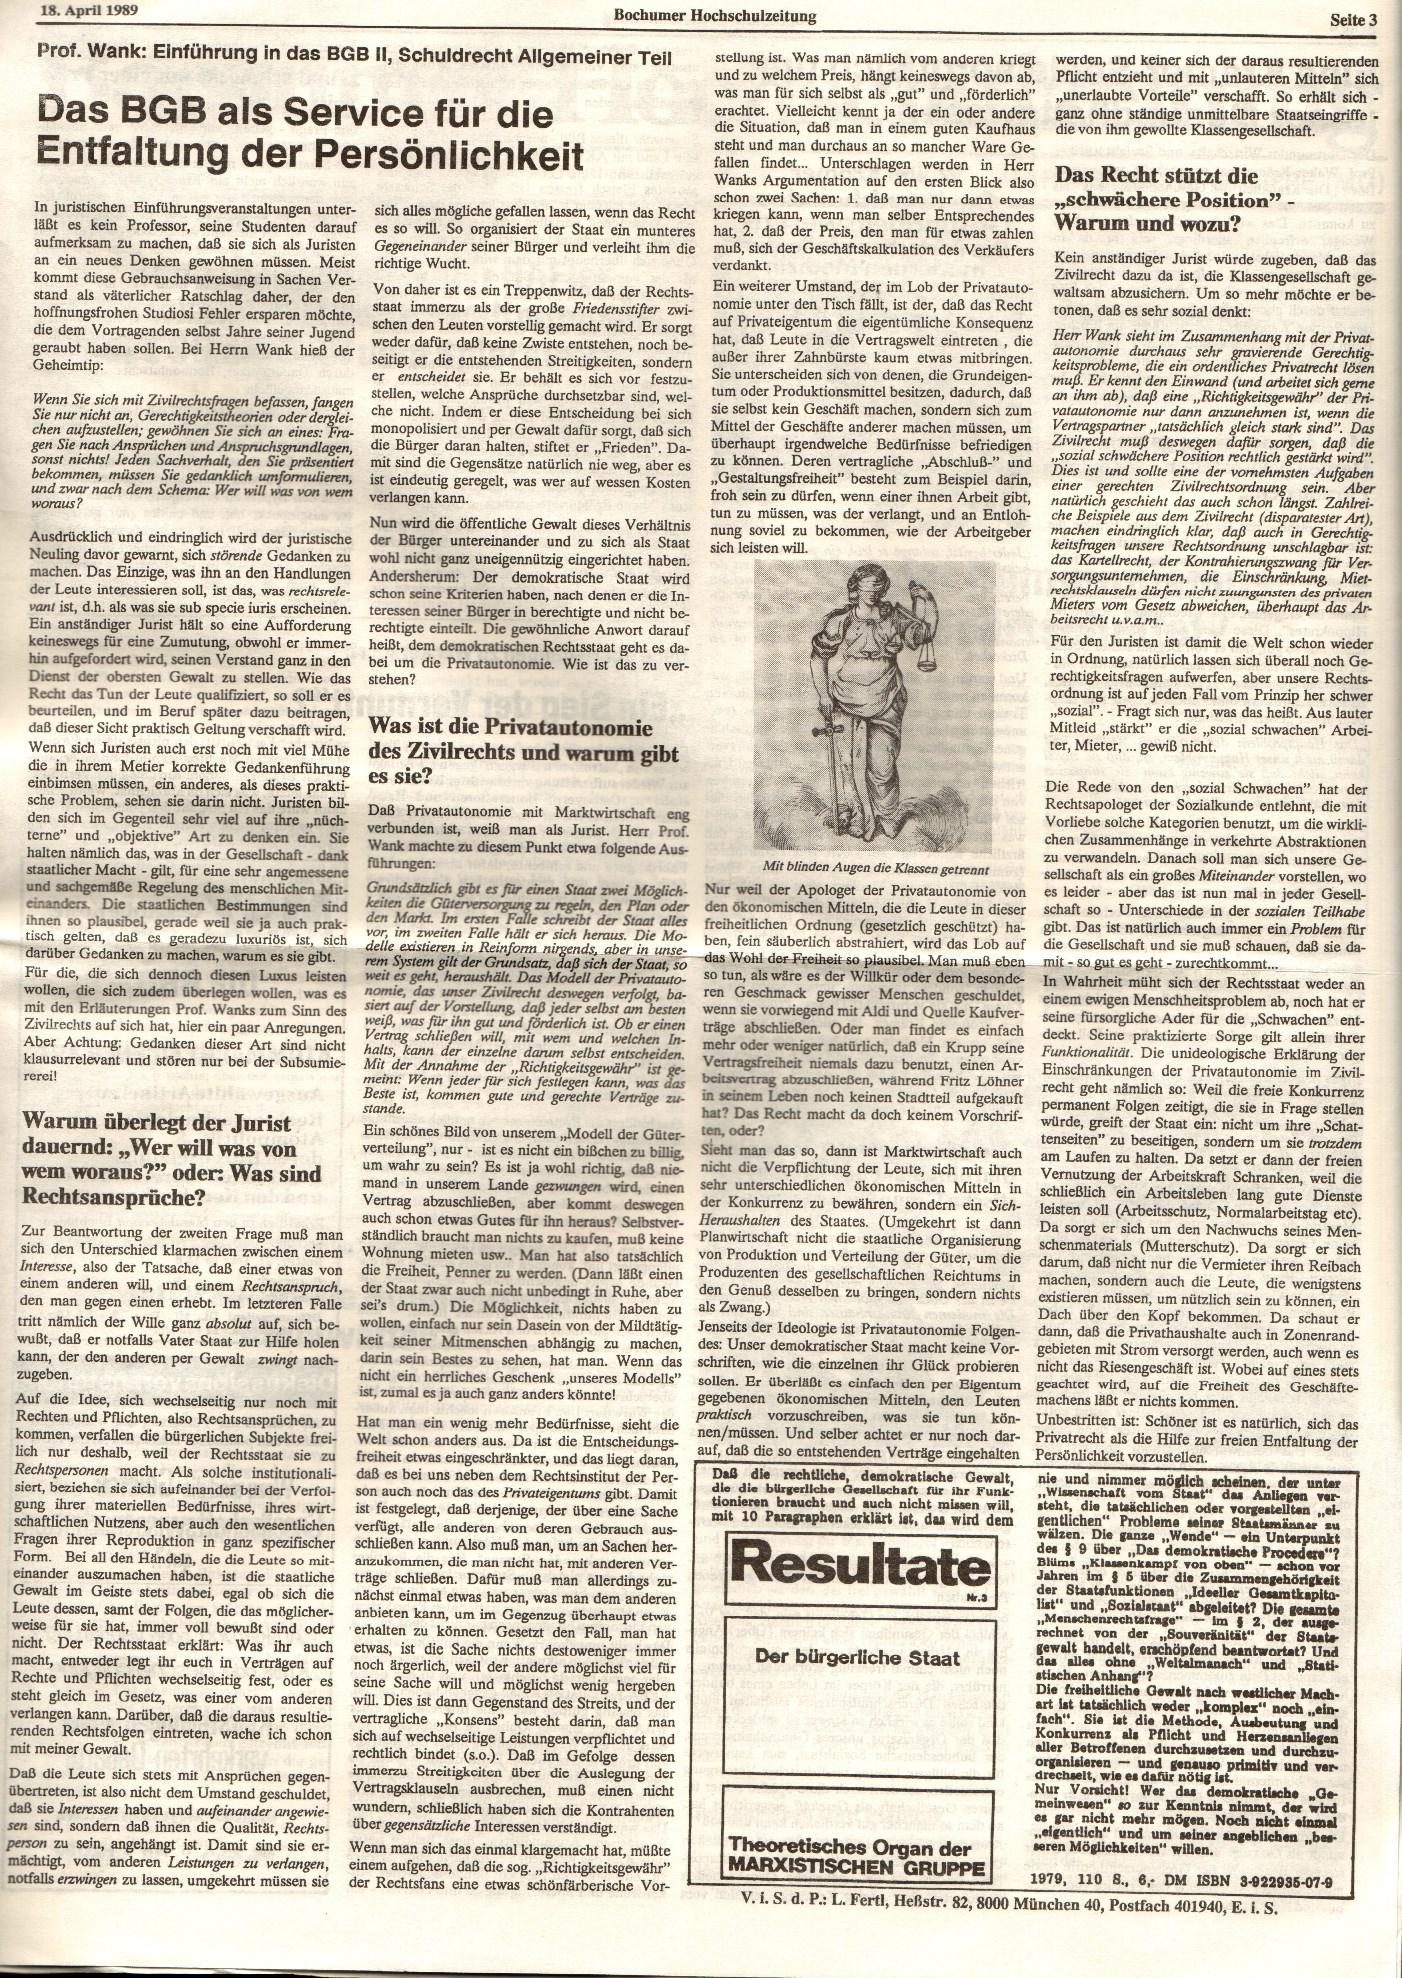 MG_Bochumer_Hochschulzeitung_19890418_05